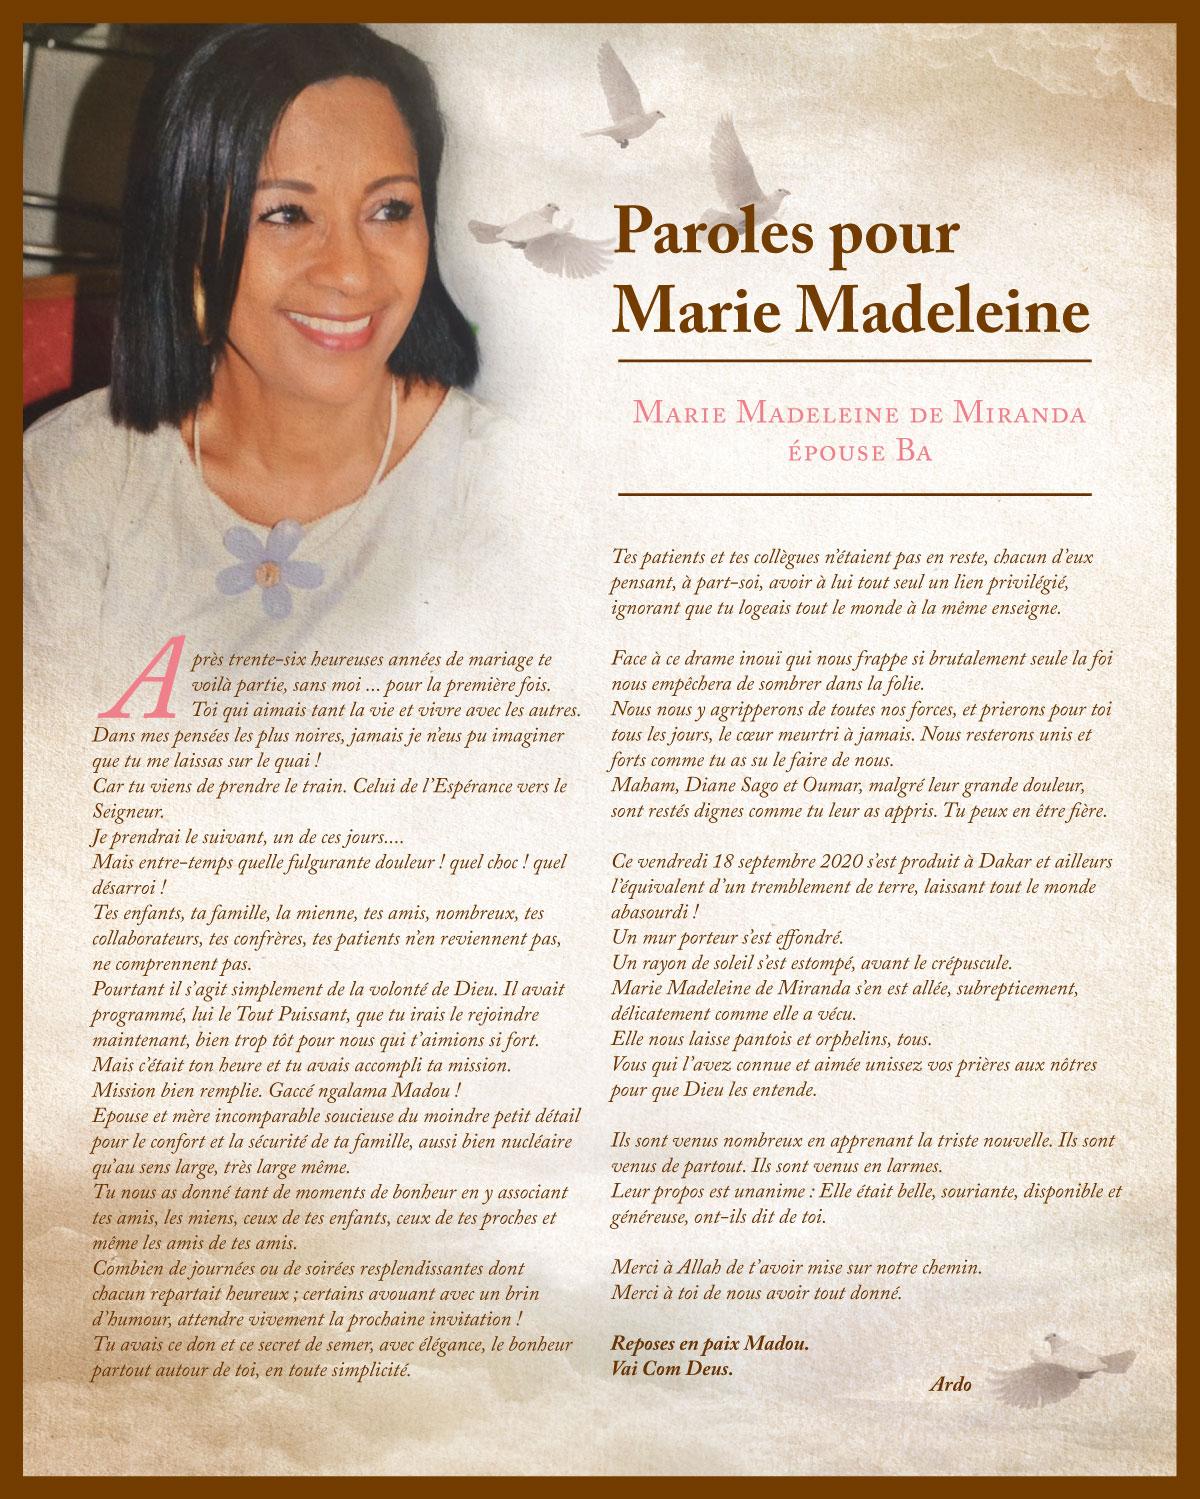 Paroles pour Marie Madeleine: Après 36 heureuses années, te voila partie... sans moi... - Ardo